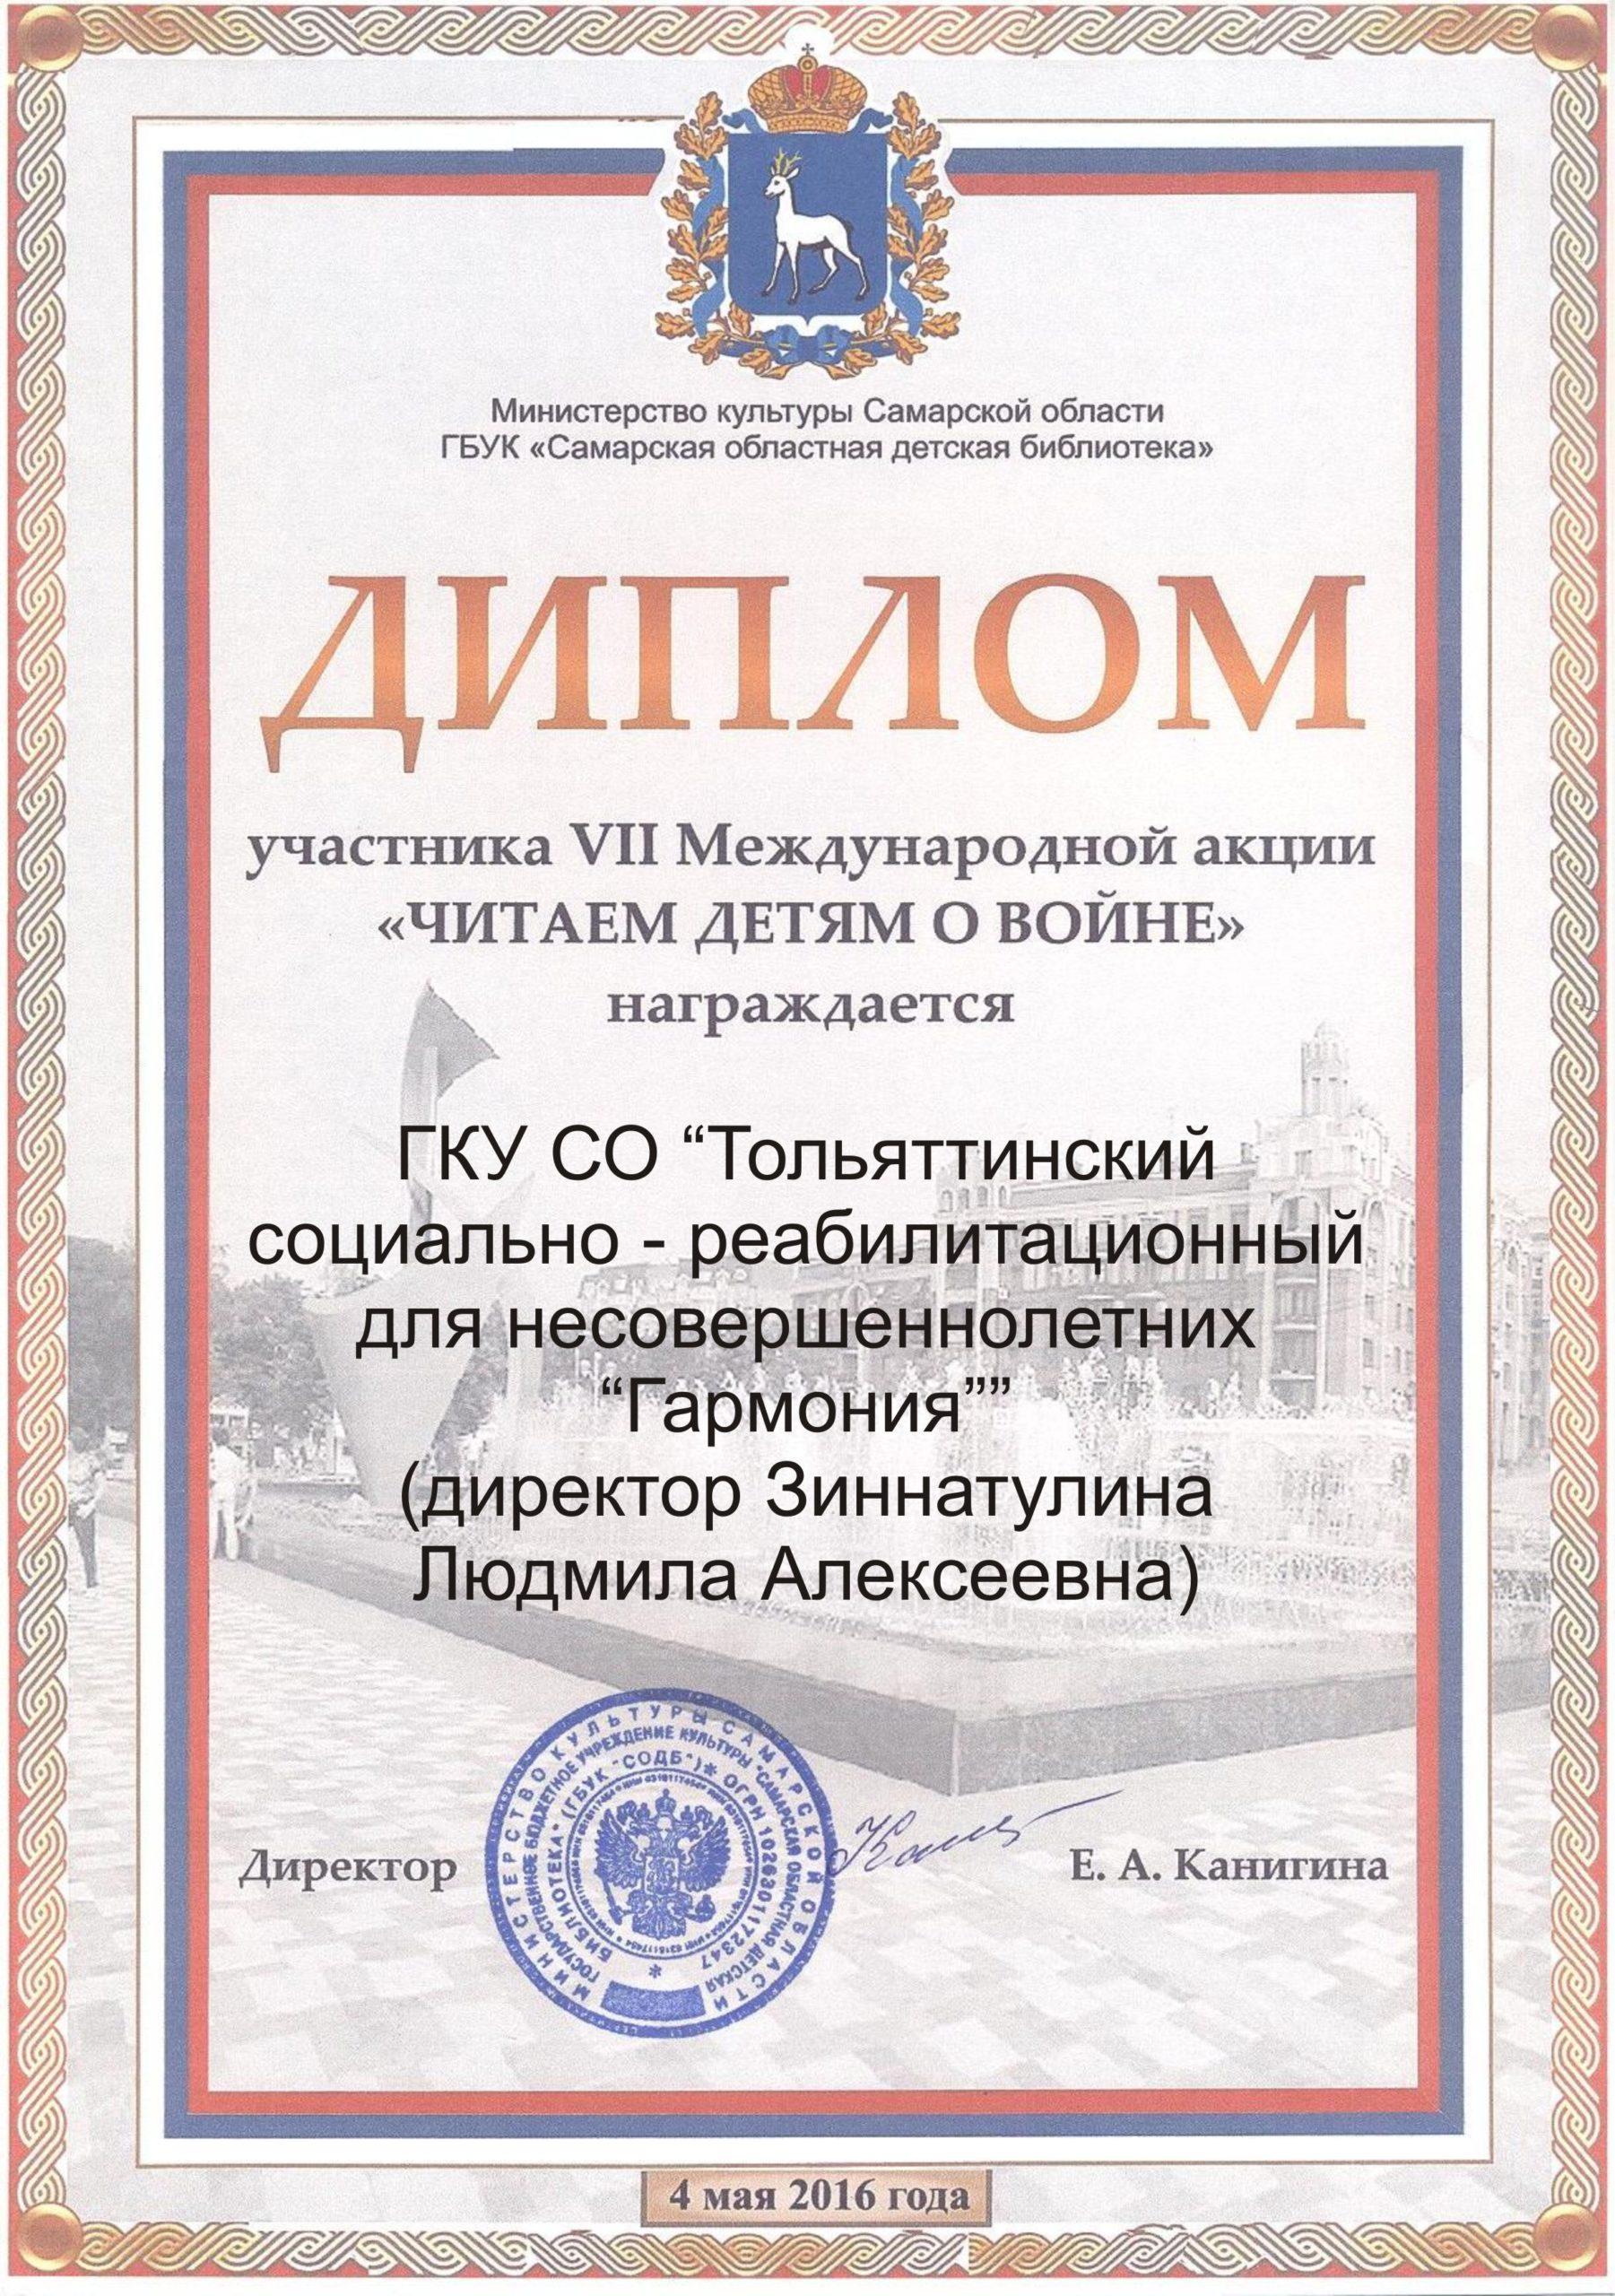 Диплом участника VII Международной акции Читаем детям о войнеЗиннатулина Л.А.